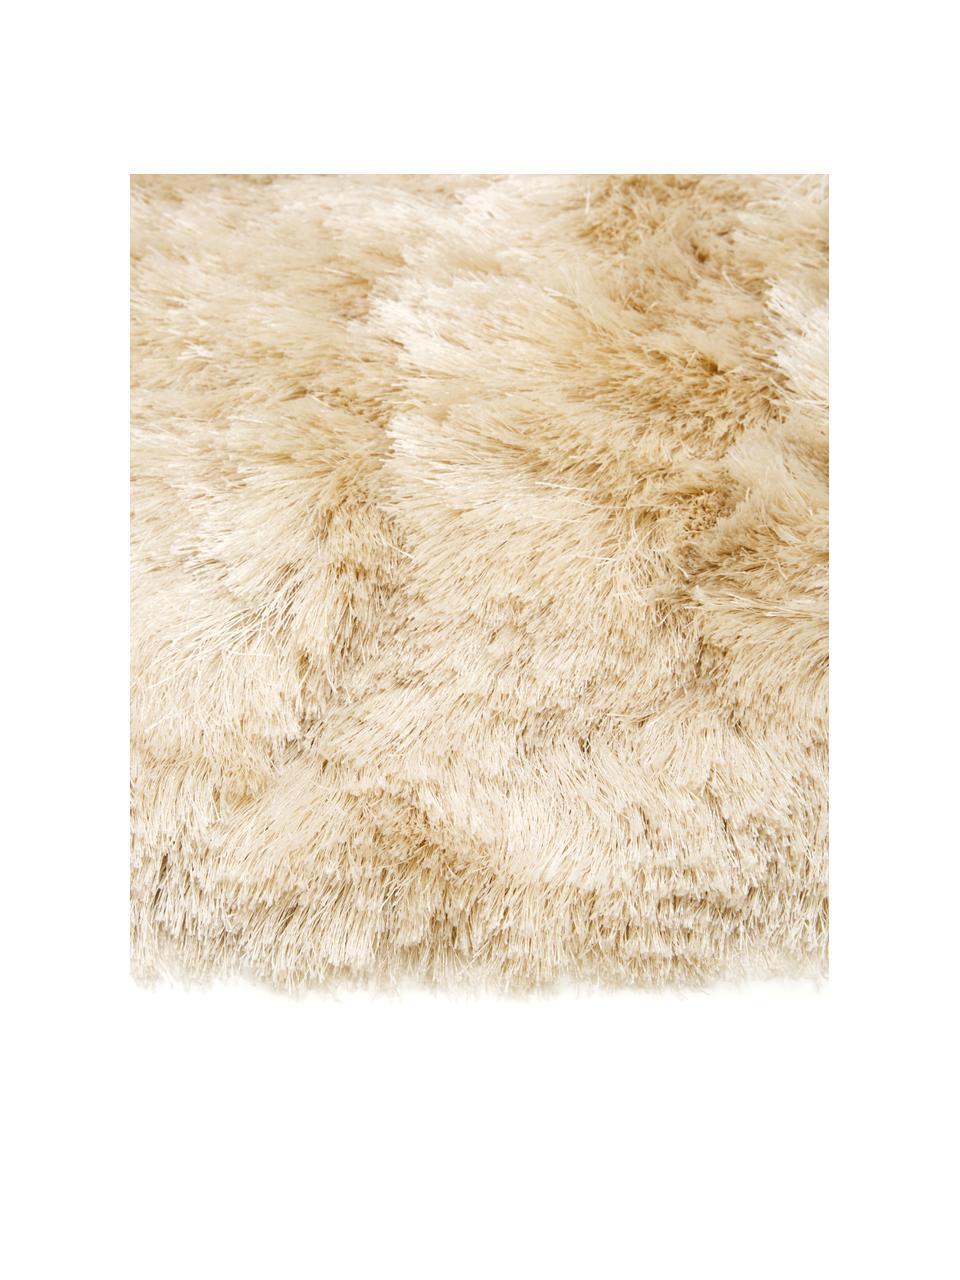 Glänzender Hochflor-Teppich Jimmy in Elfenbein, rund, Flor: 100% Polyester, Elfenbein, Ø 200 cm (Größe L)